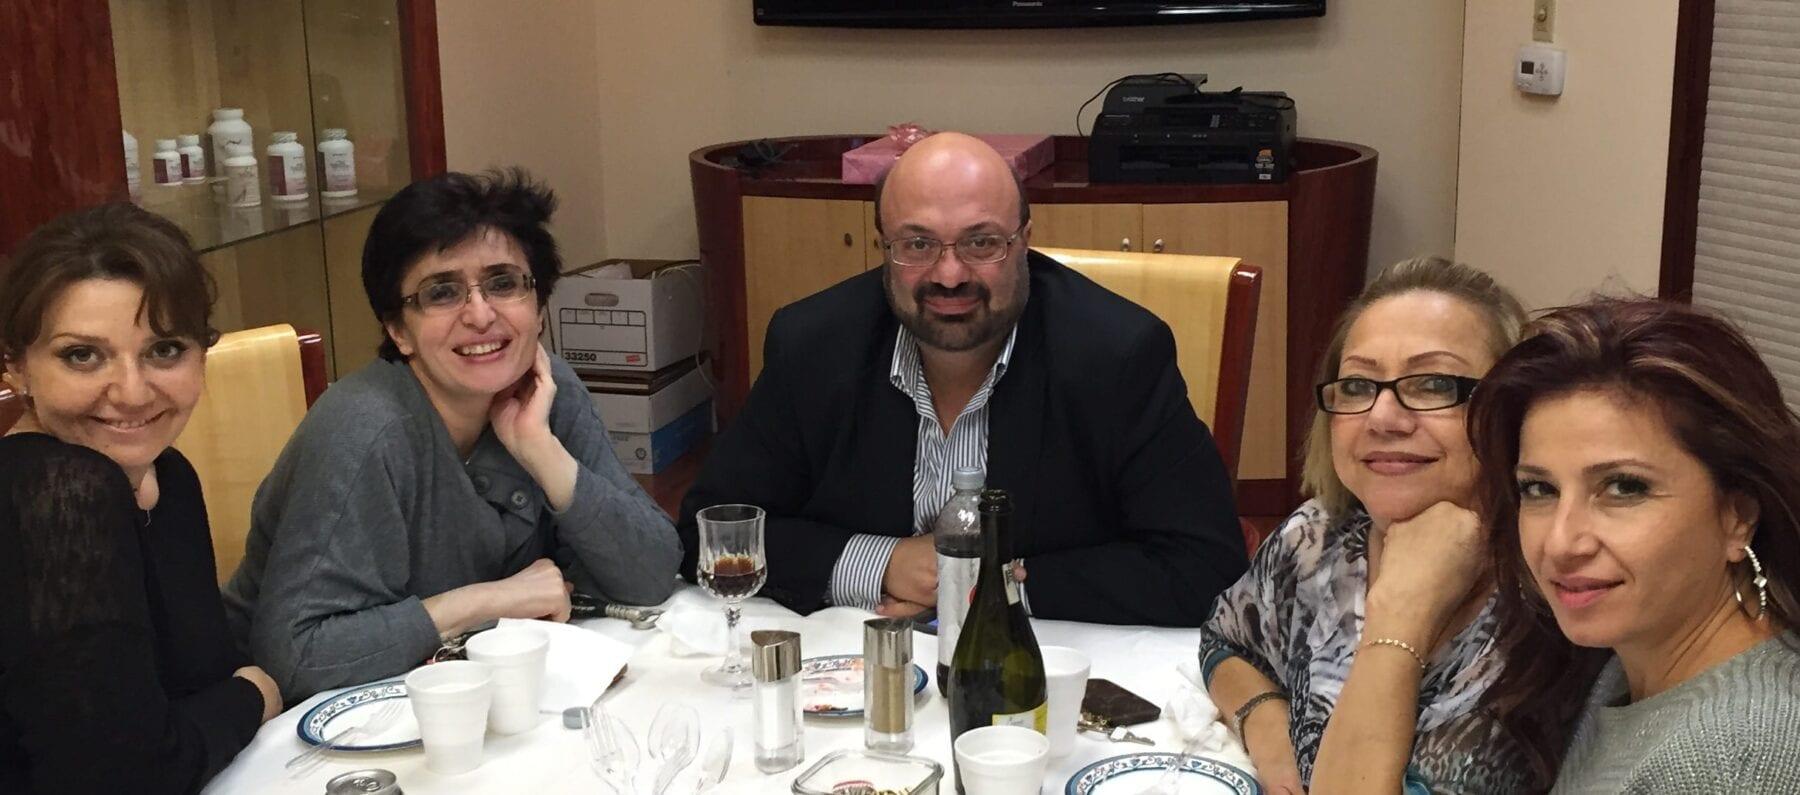 Dr. David G. Davtyan Together With His Staff Members Arsine Antekelyan, Nune Badalyan, Rima Kamali, And Barbara Gasparyan At The Weight Loss Surgery Center Of Los Angeles